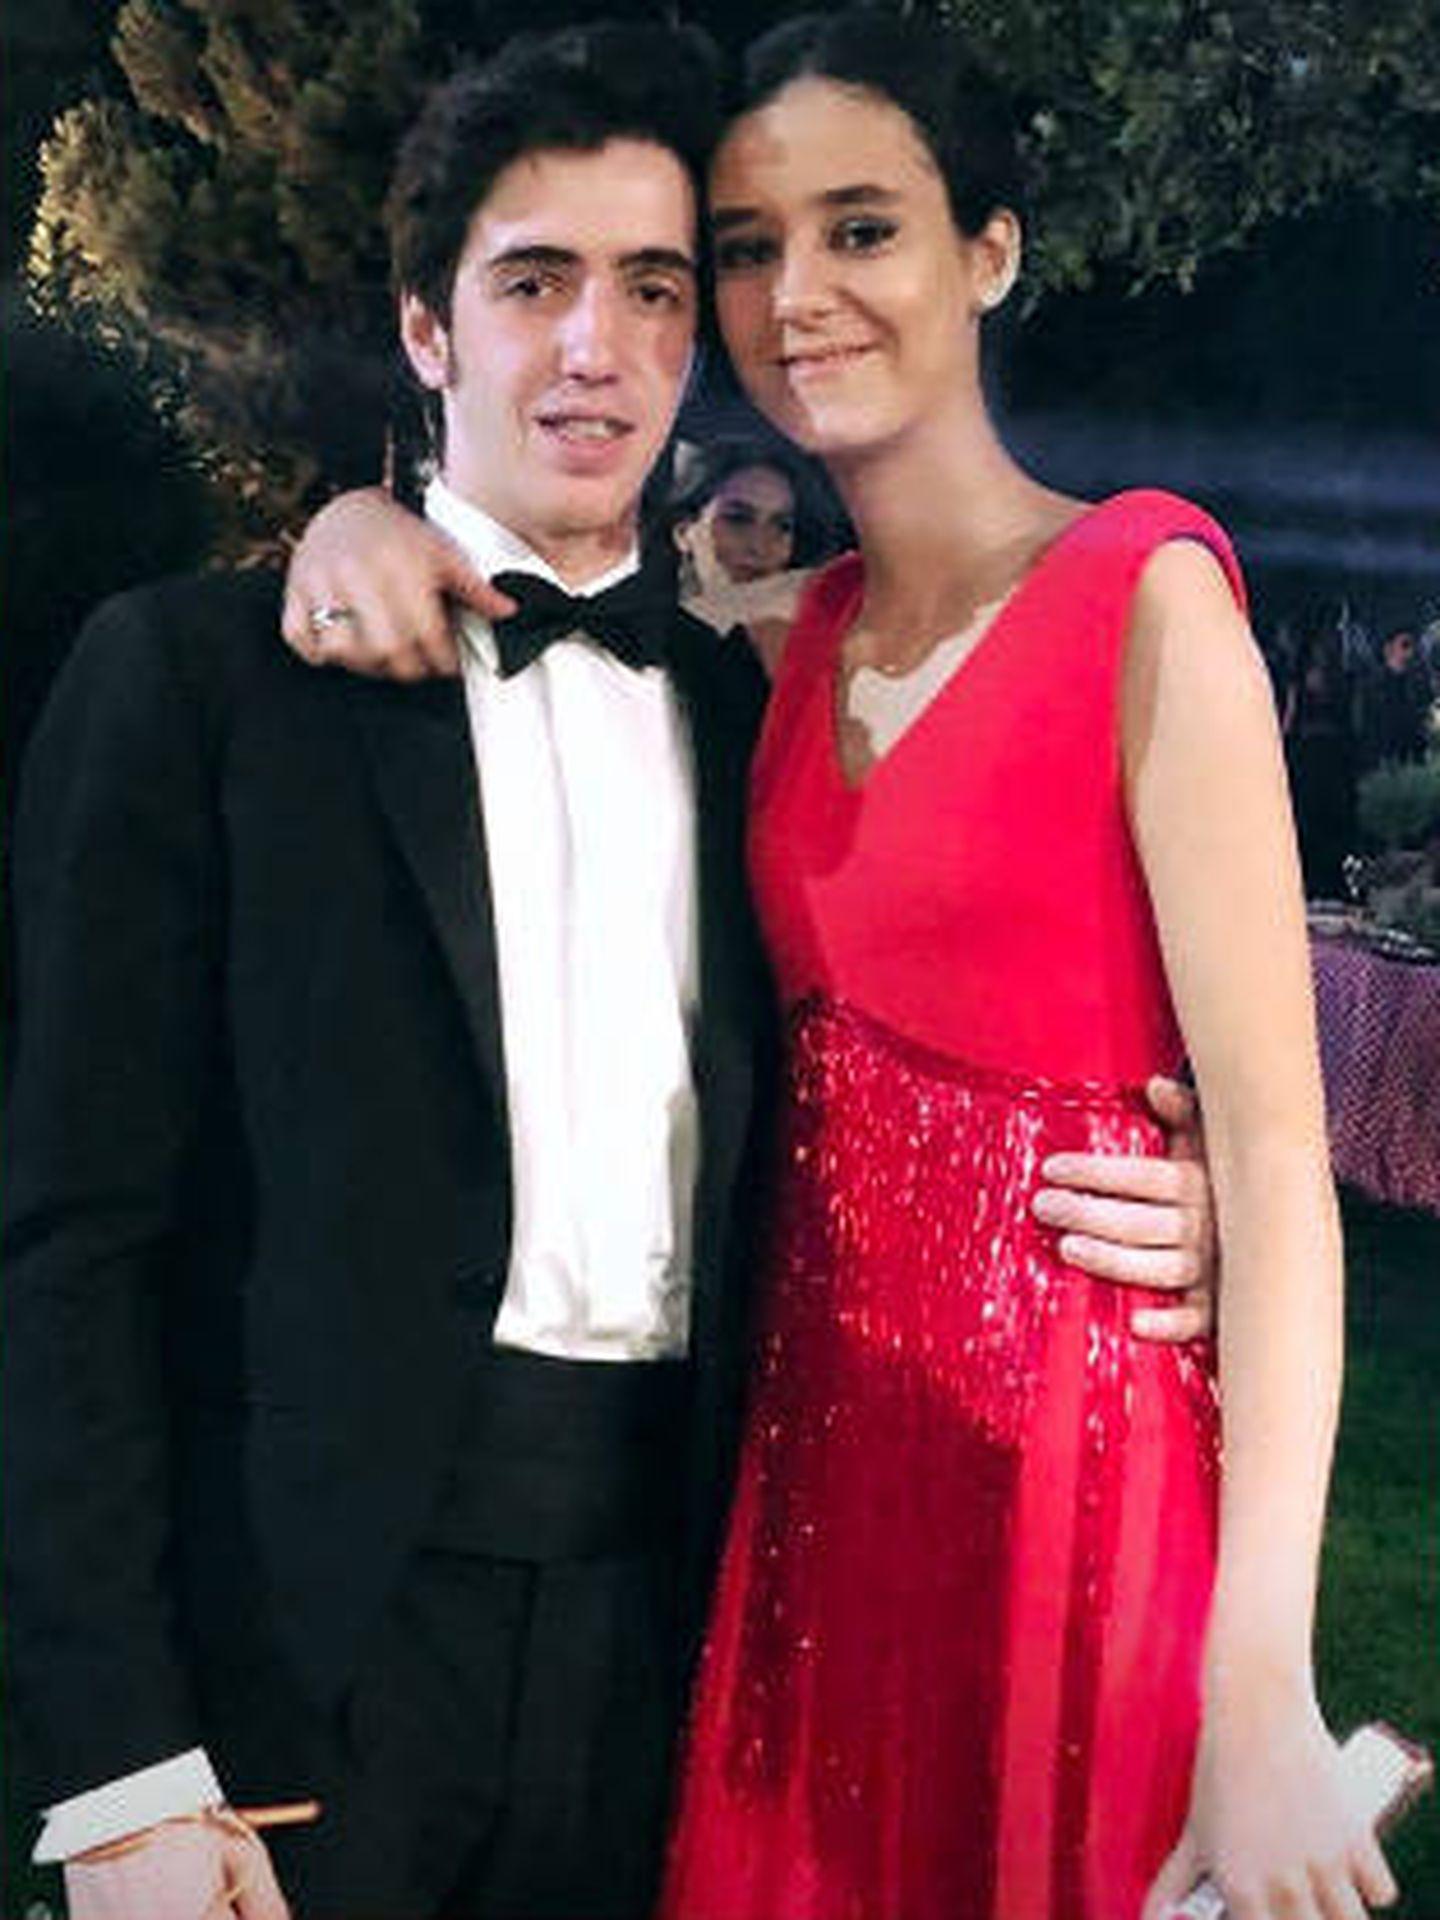 Victoria Federica y Carlos Ochoa en la fiesta. (Redes Sociales: @ochoa_carlitos)